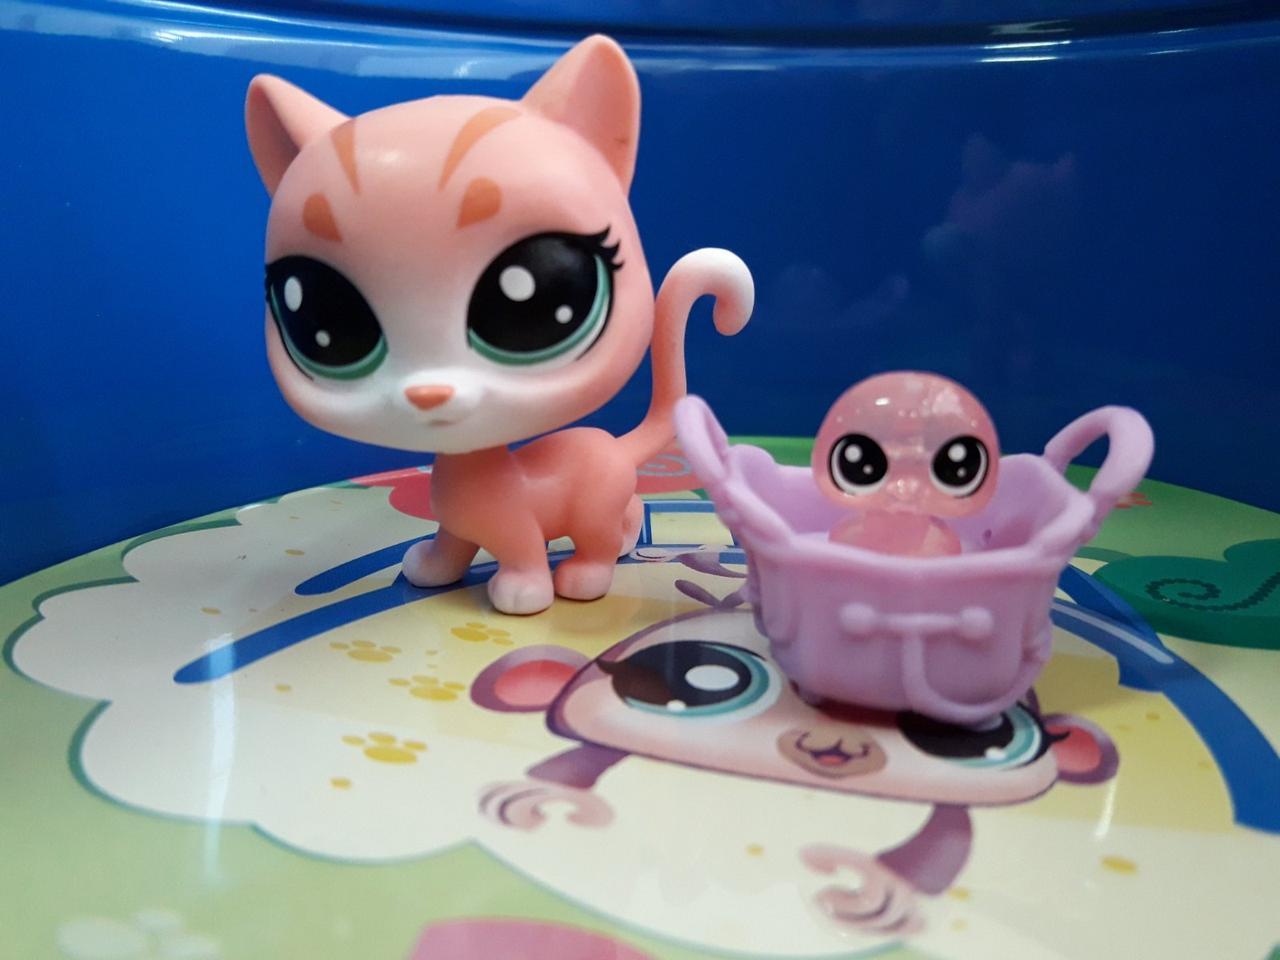 Littlest pet shop lps игрушка Hasbro лпс пет шоп кошечка+аксессуар+произвольный пет poppy tabling